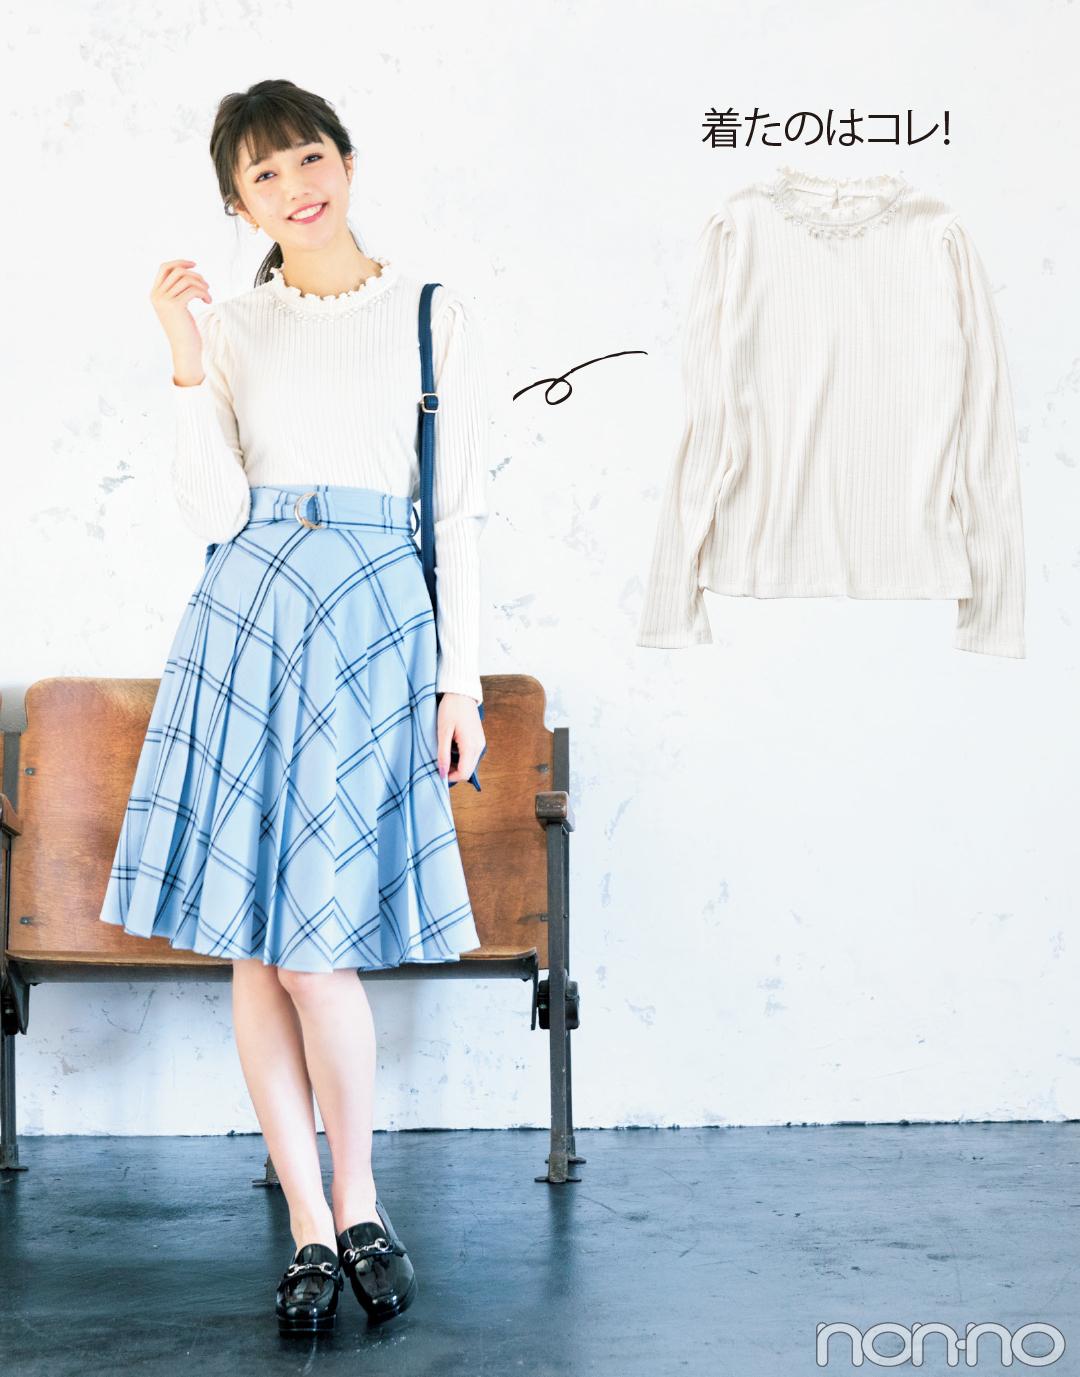 4月から大学生♡ 今買って長く使えるコスパ服&小物、必見の4アイテム15選!_1_2